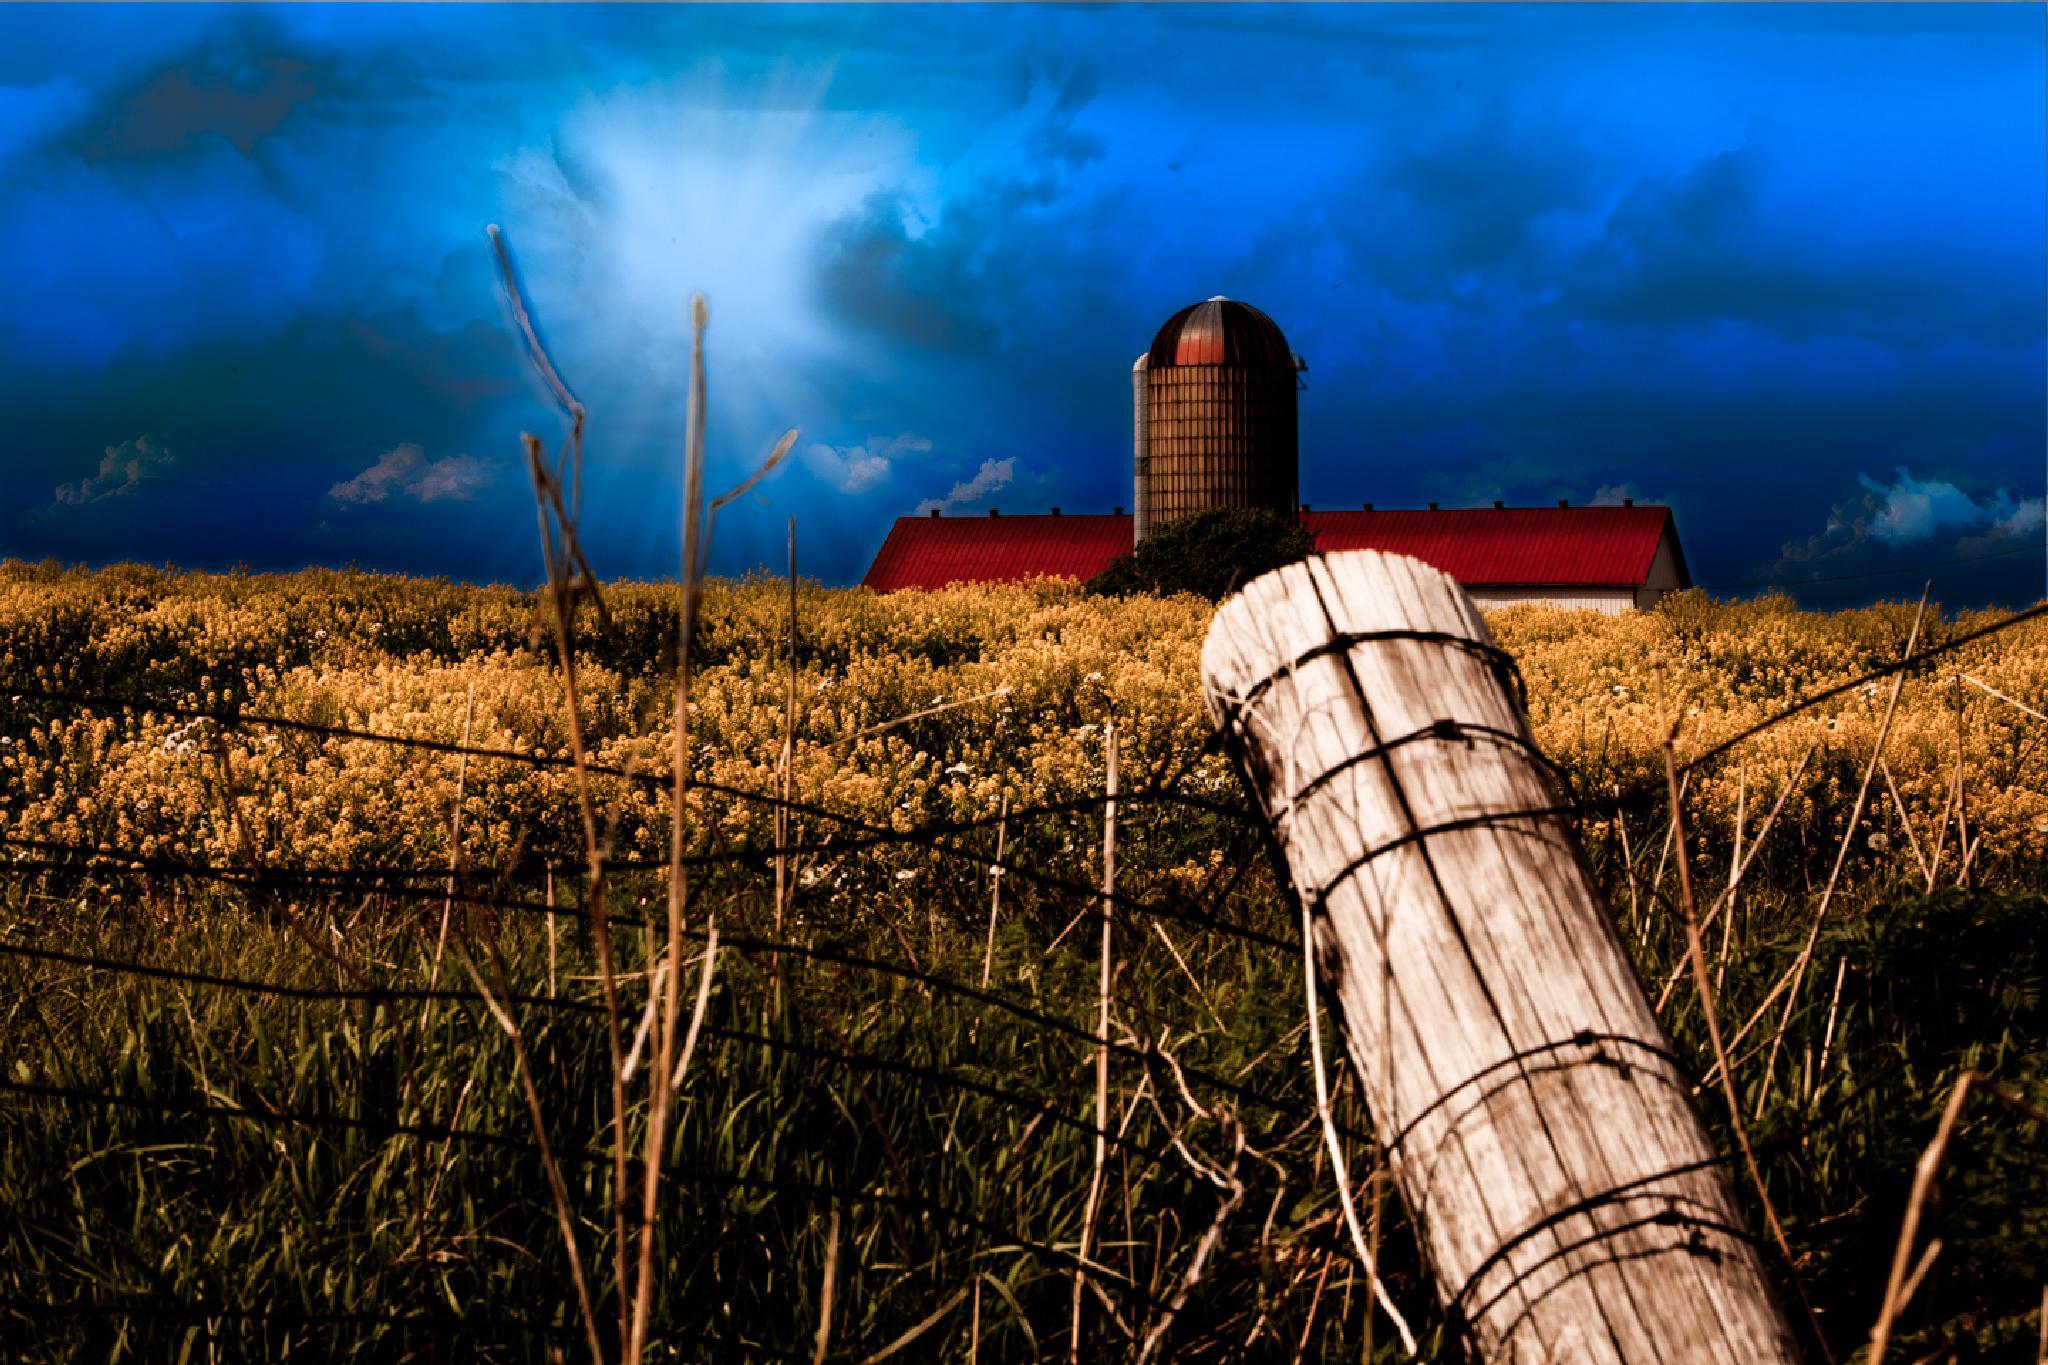 Sunrise Barn by Gene Linzy